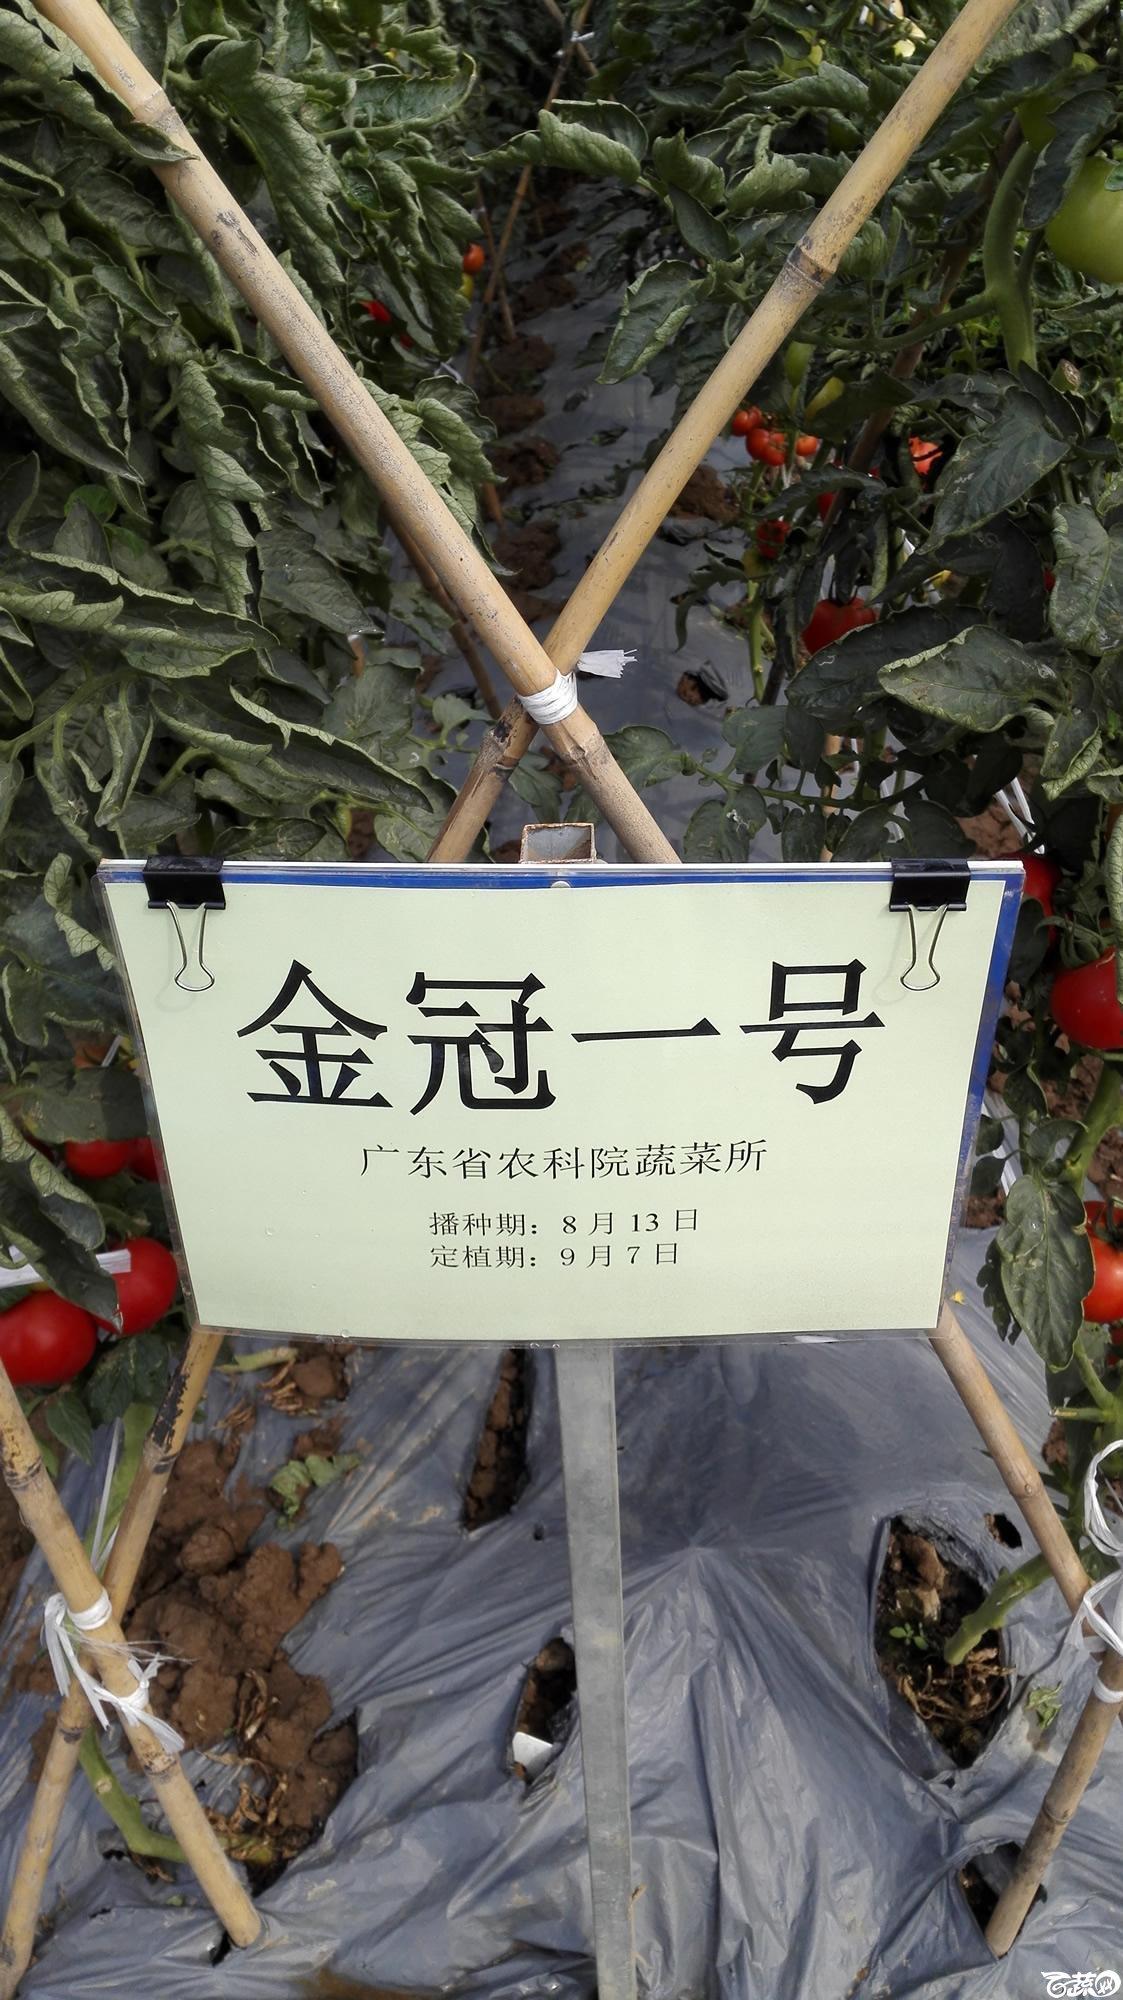 2014年12月8号中山蔬菜新品种展示会_番茄_018.jpg